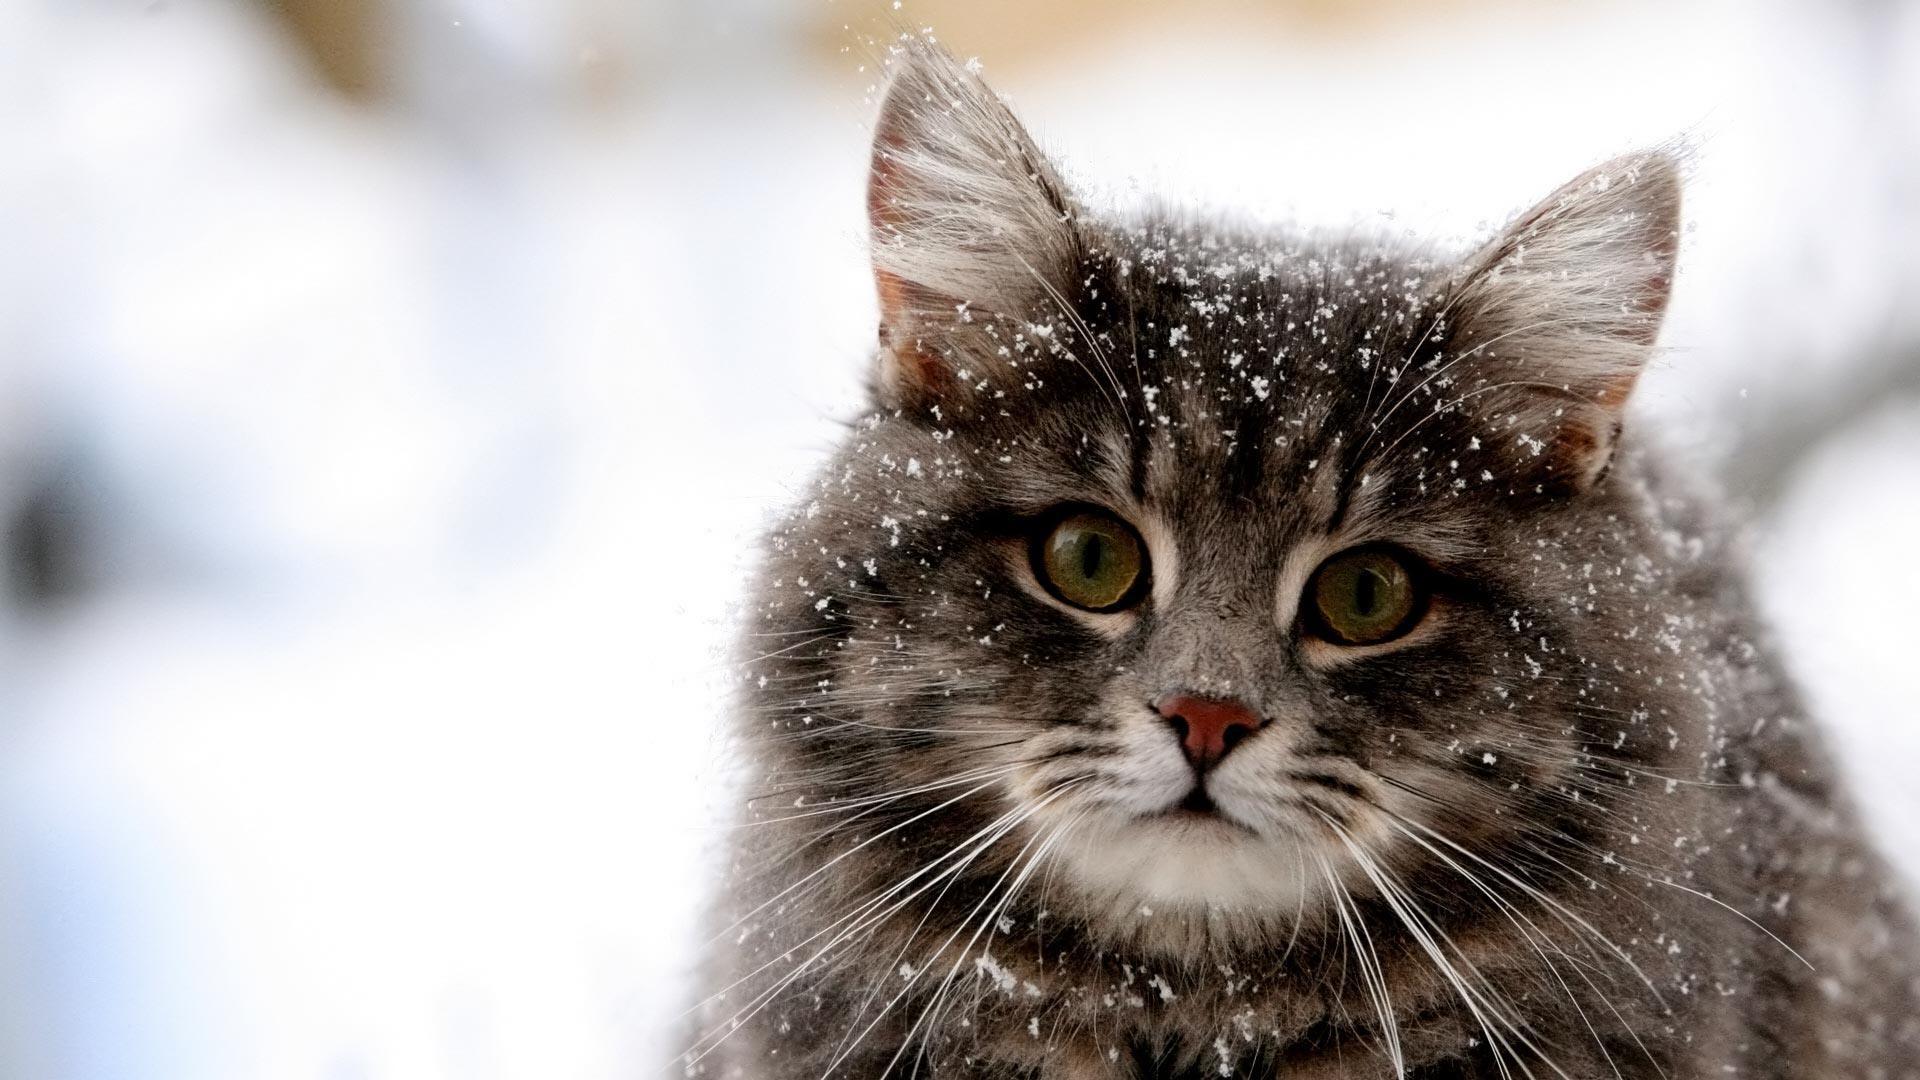 cat wallpaper and screensavers